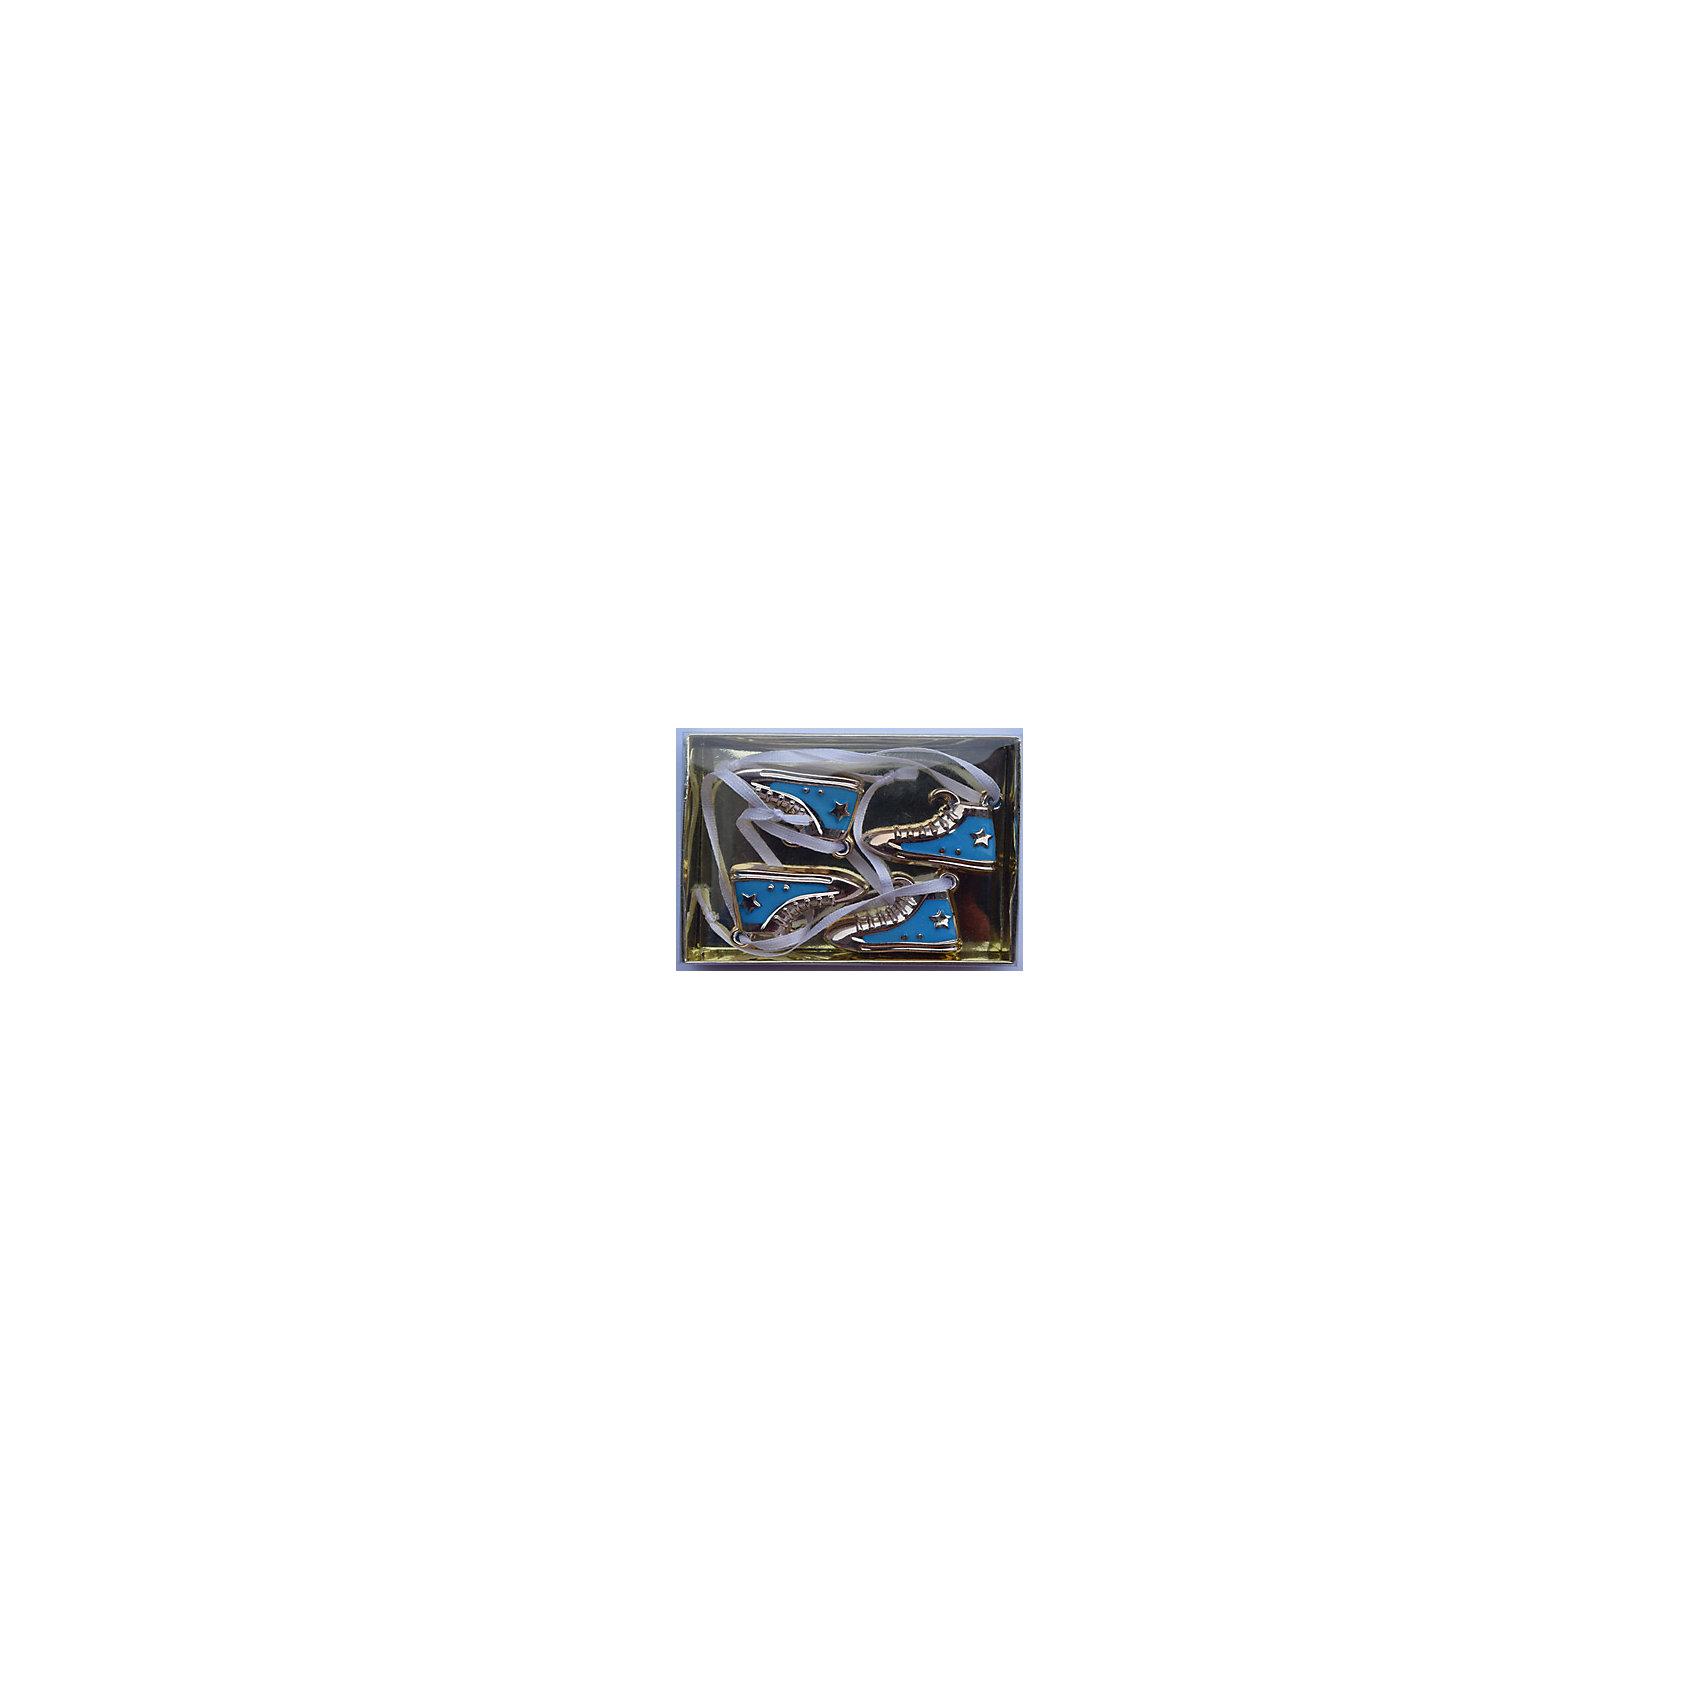 Magic Time Набор украшений Голубые кеды 4 шт набор новогодних подвесных украшений magic time розовые кеды 4 х 1 х 2 см 4 шт